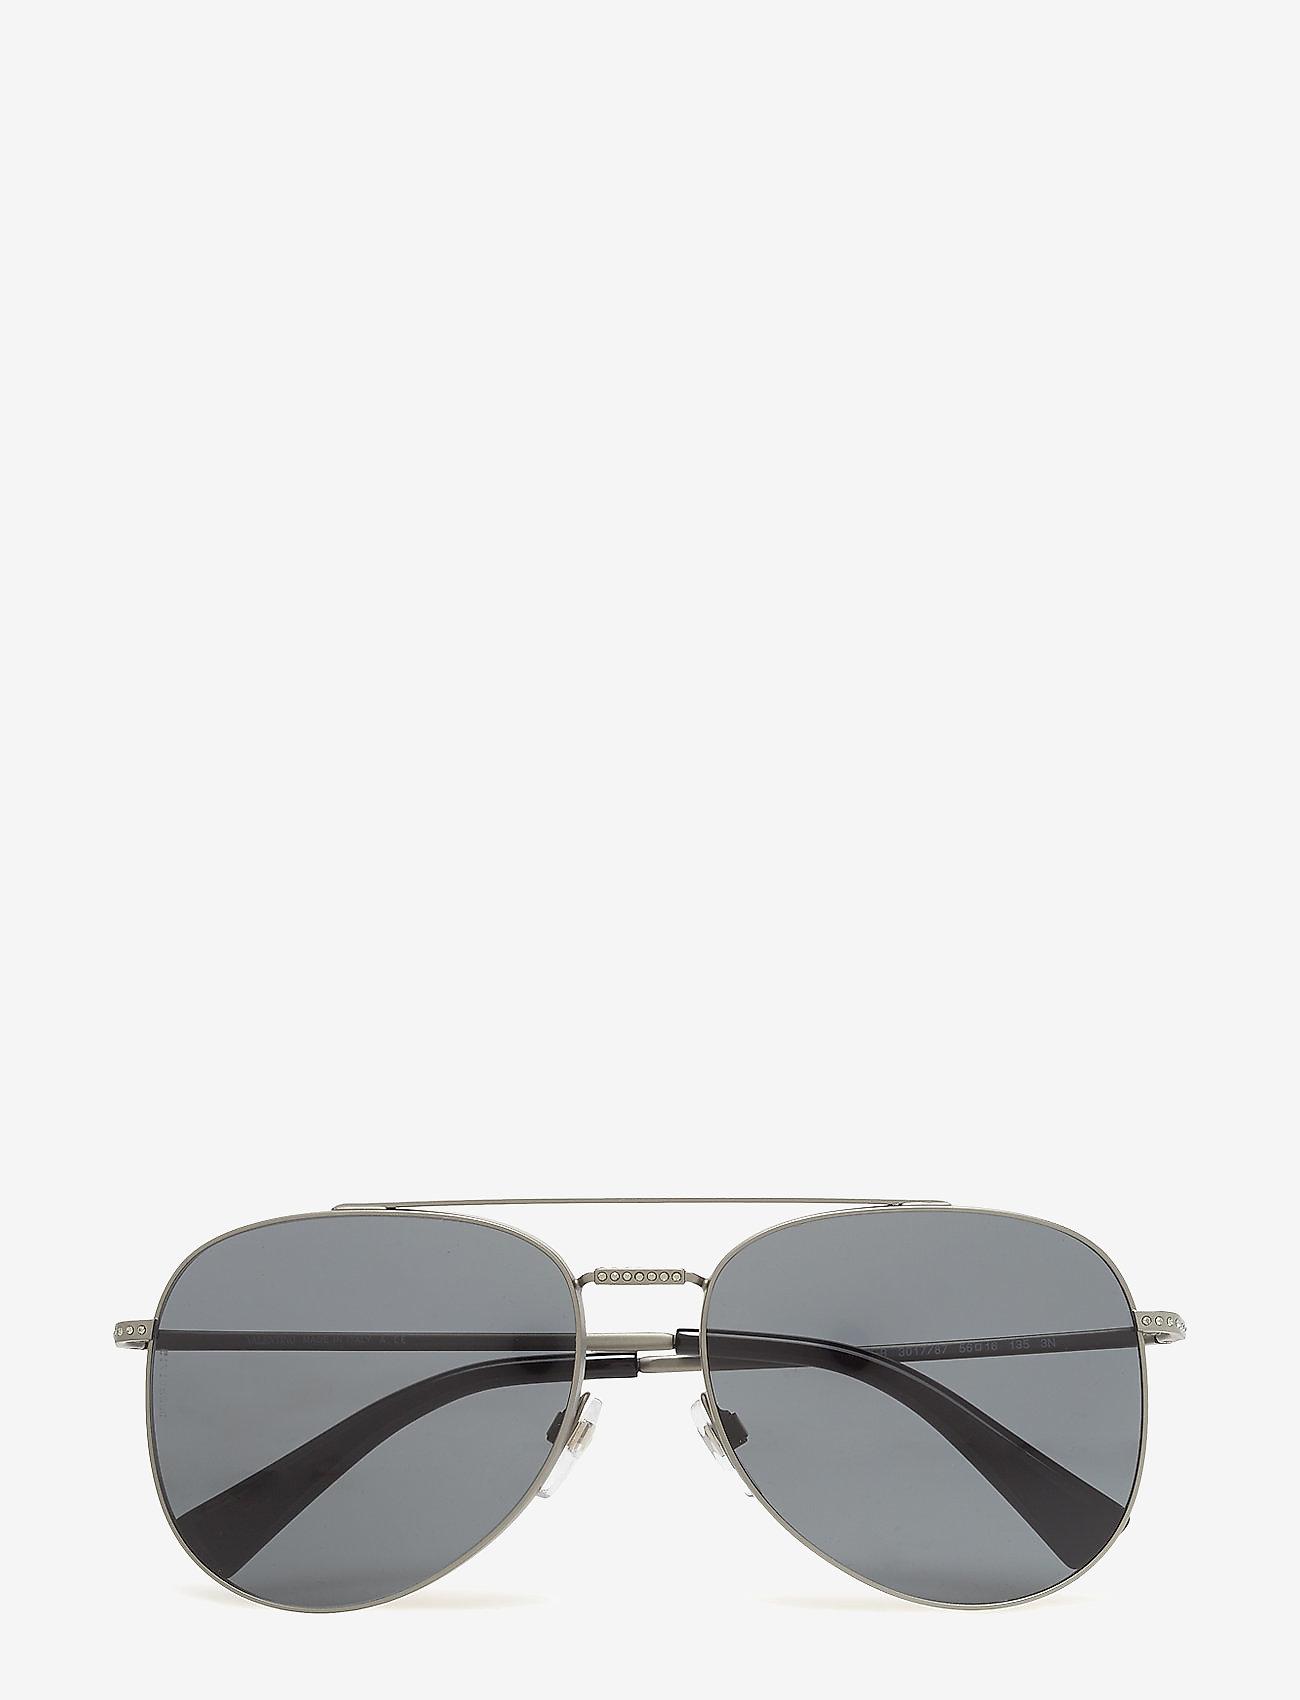 Valentino Sunglasses - Glamtech - pilot - matte gunmetal sandblast - 1